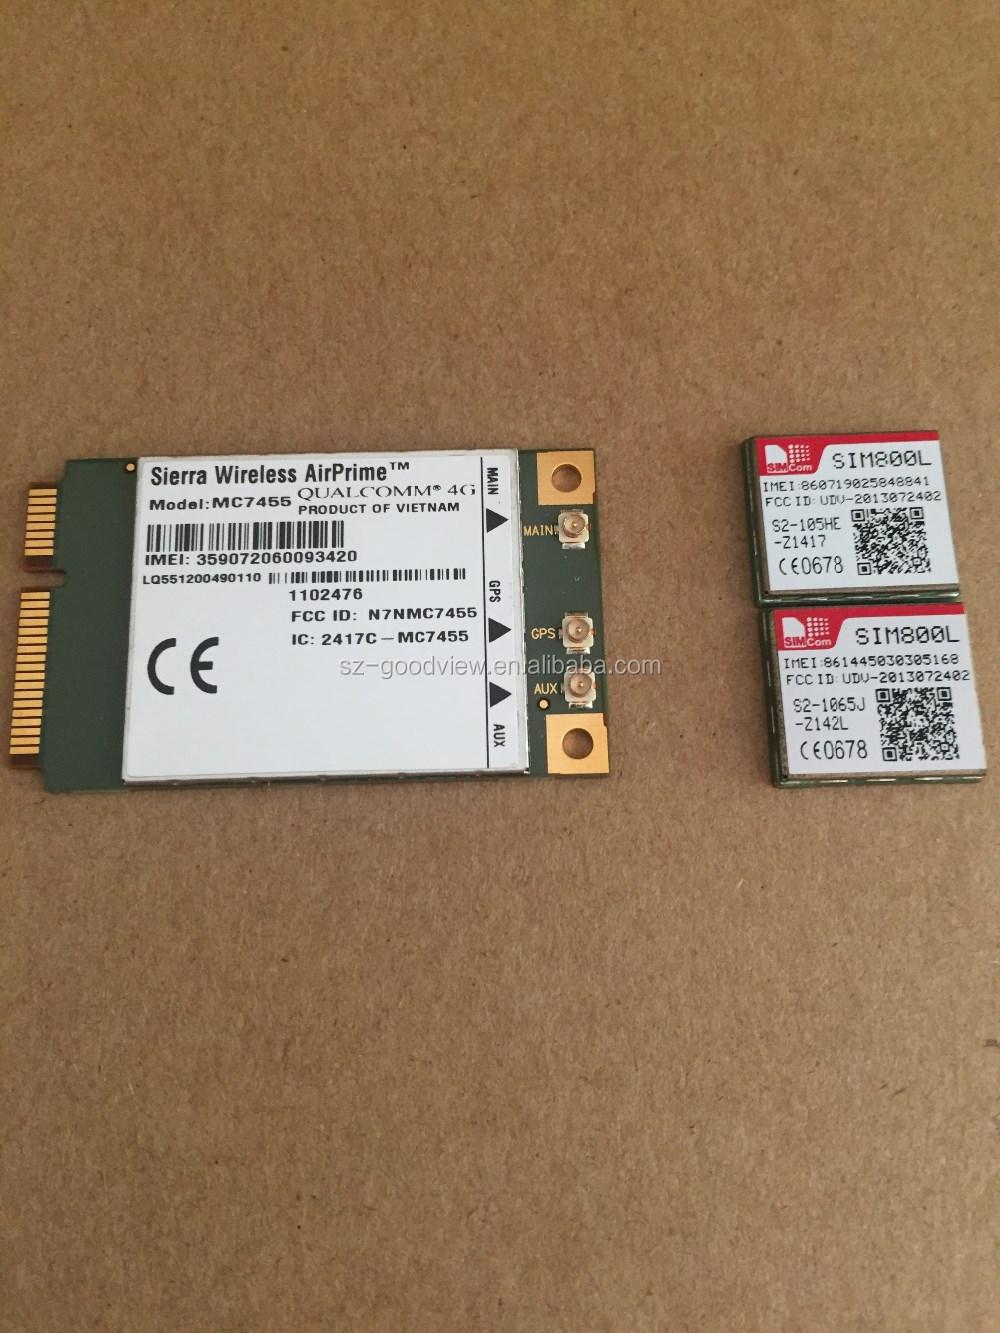 Sierra 4g Lte Wireless Communication Module Mc7455 - Buy 4g Lte Wireless  Module,Sierra Wireless Module,Communication Module Mc7455 Product on